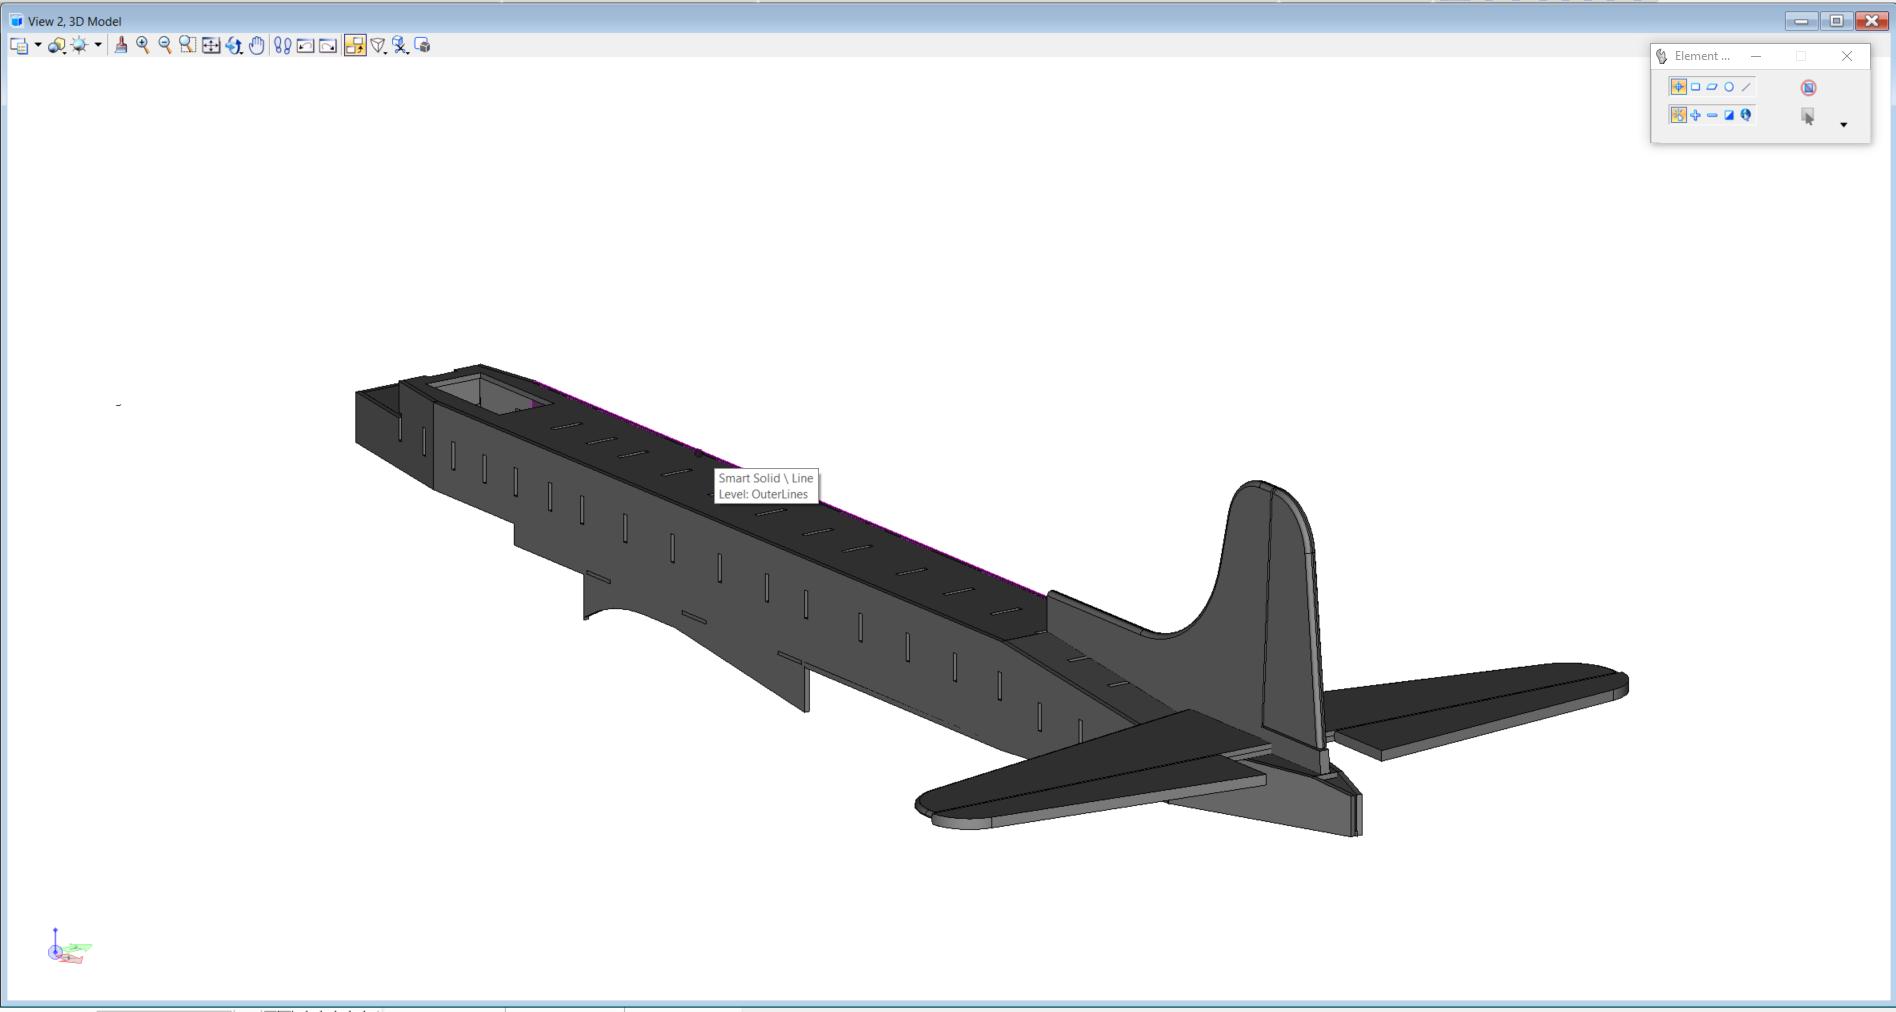 DouglasDC-6-Model-3D-2.png